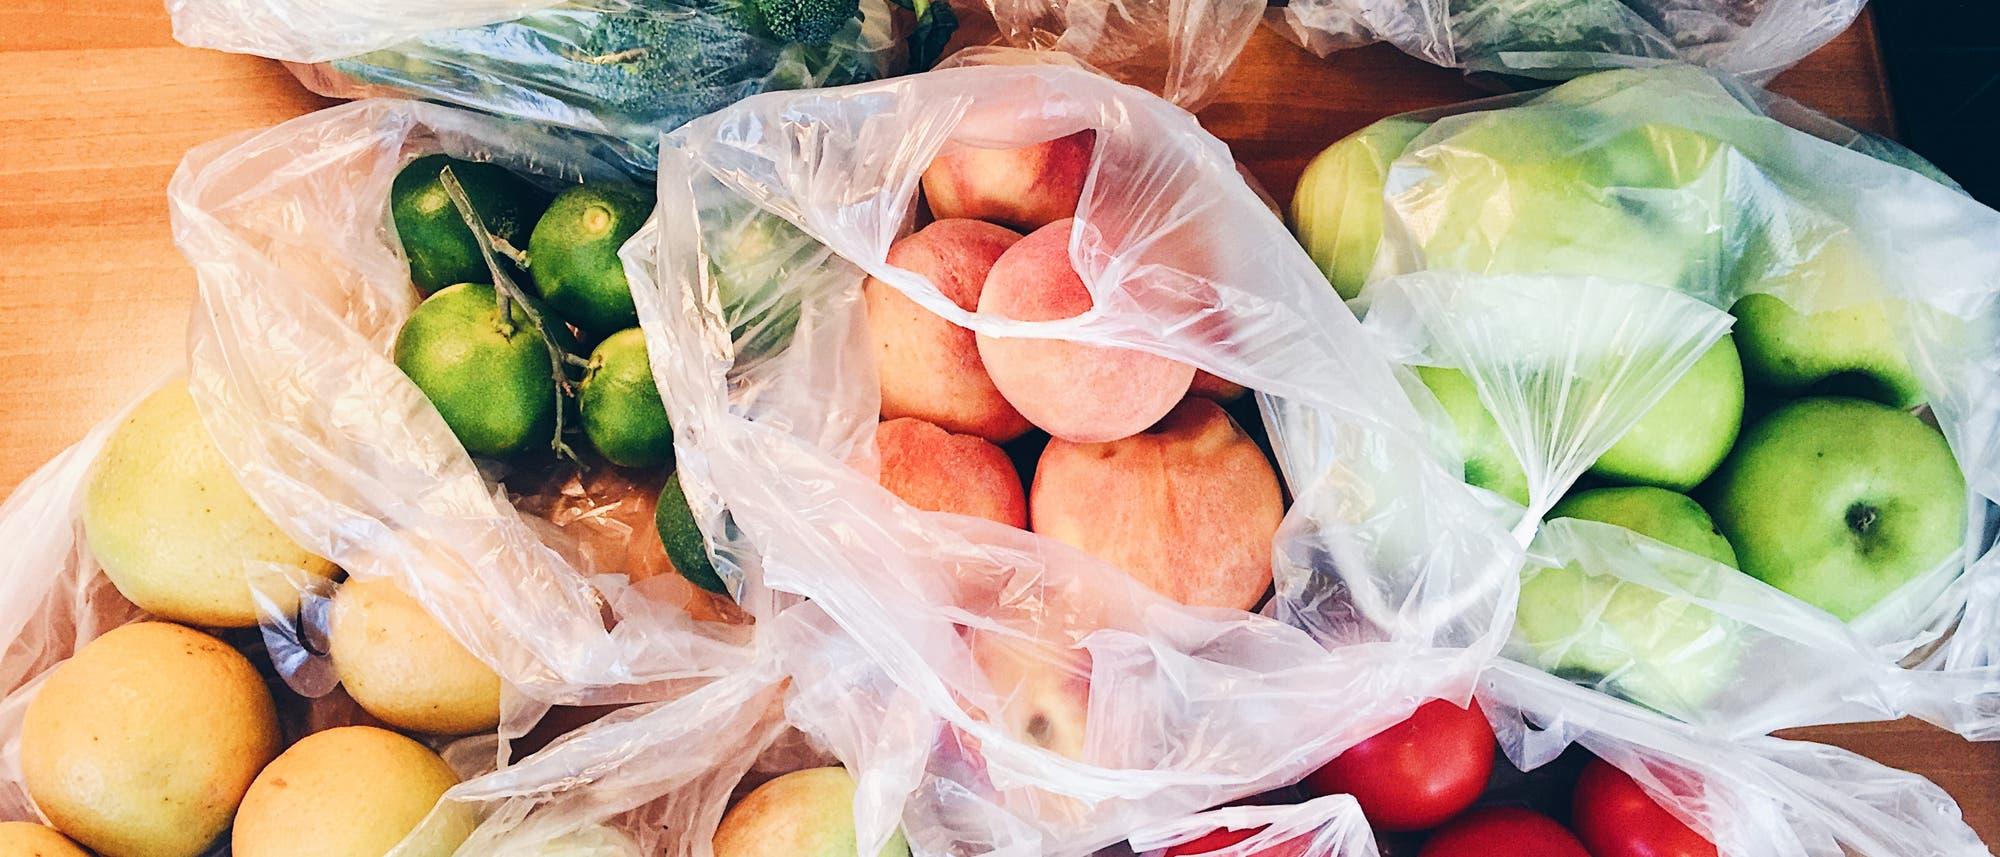 Obst in Plastiktüten